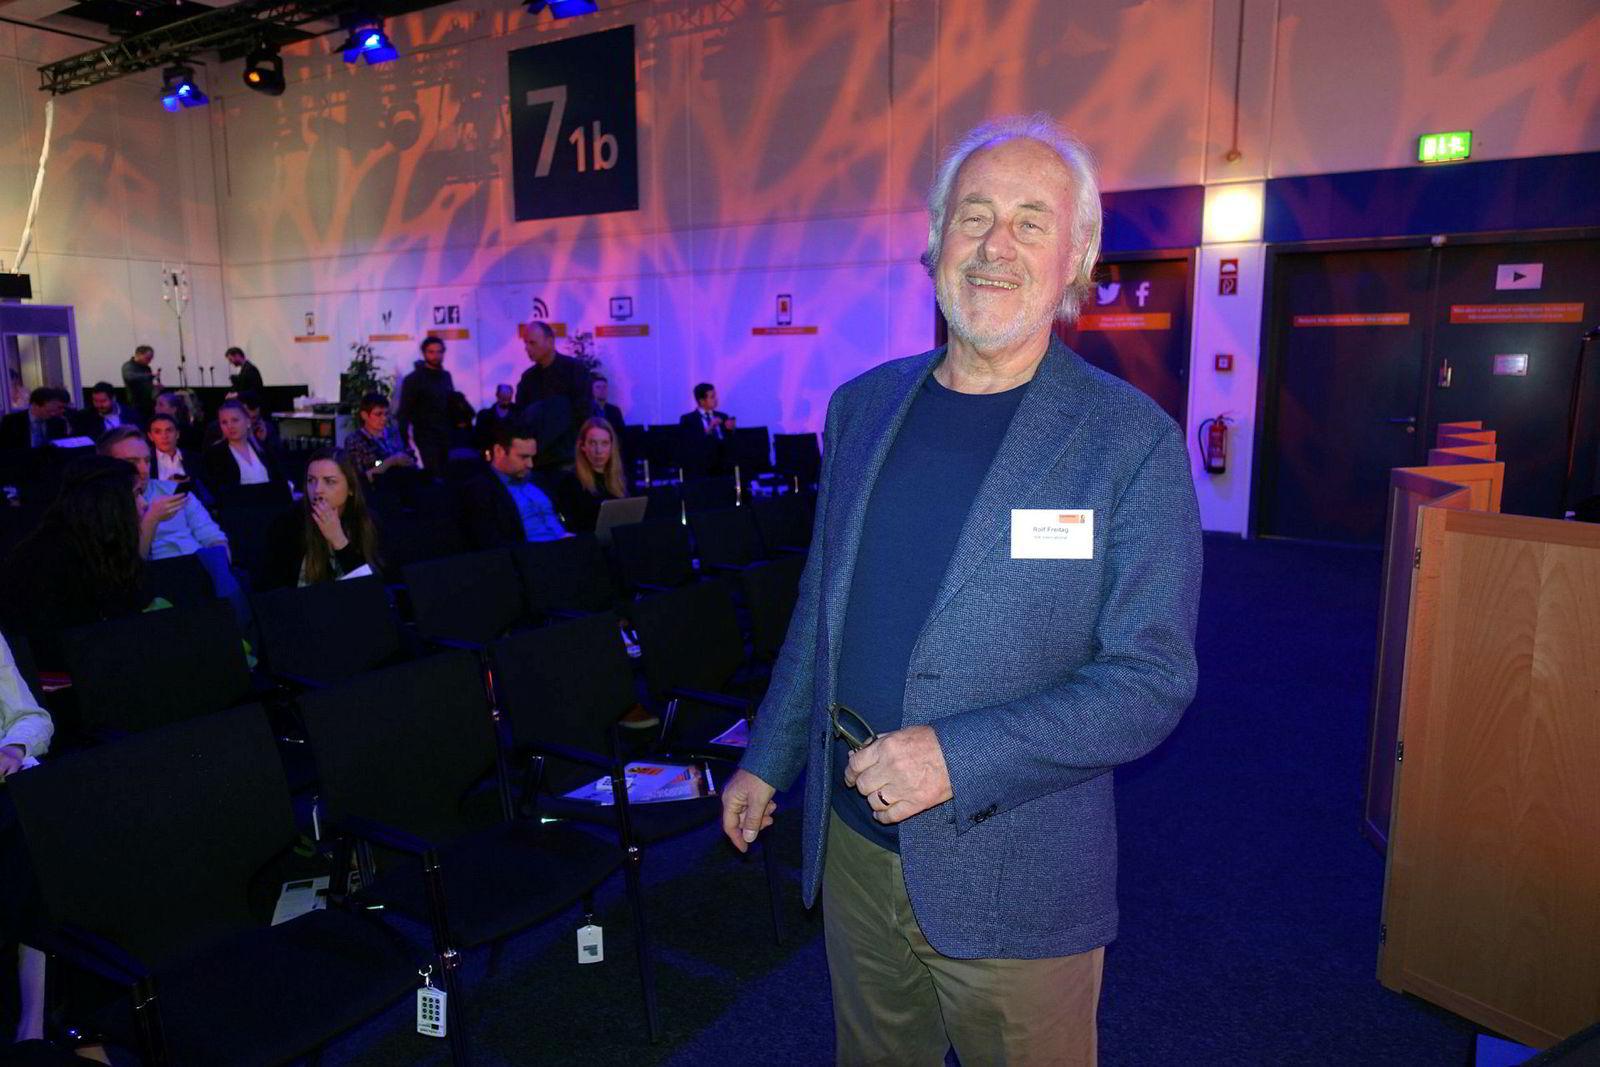 Rolf Freitag, administrerende direktør i analyseselskapet IPK International i München, gleder seg over kraftig turistvekst over det meste av verden - men lurer på hvorfor veksten har stanset opp til Norge.